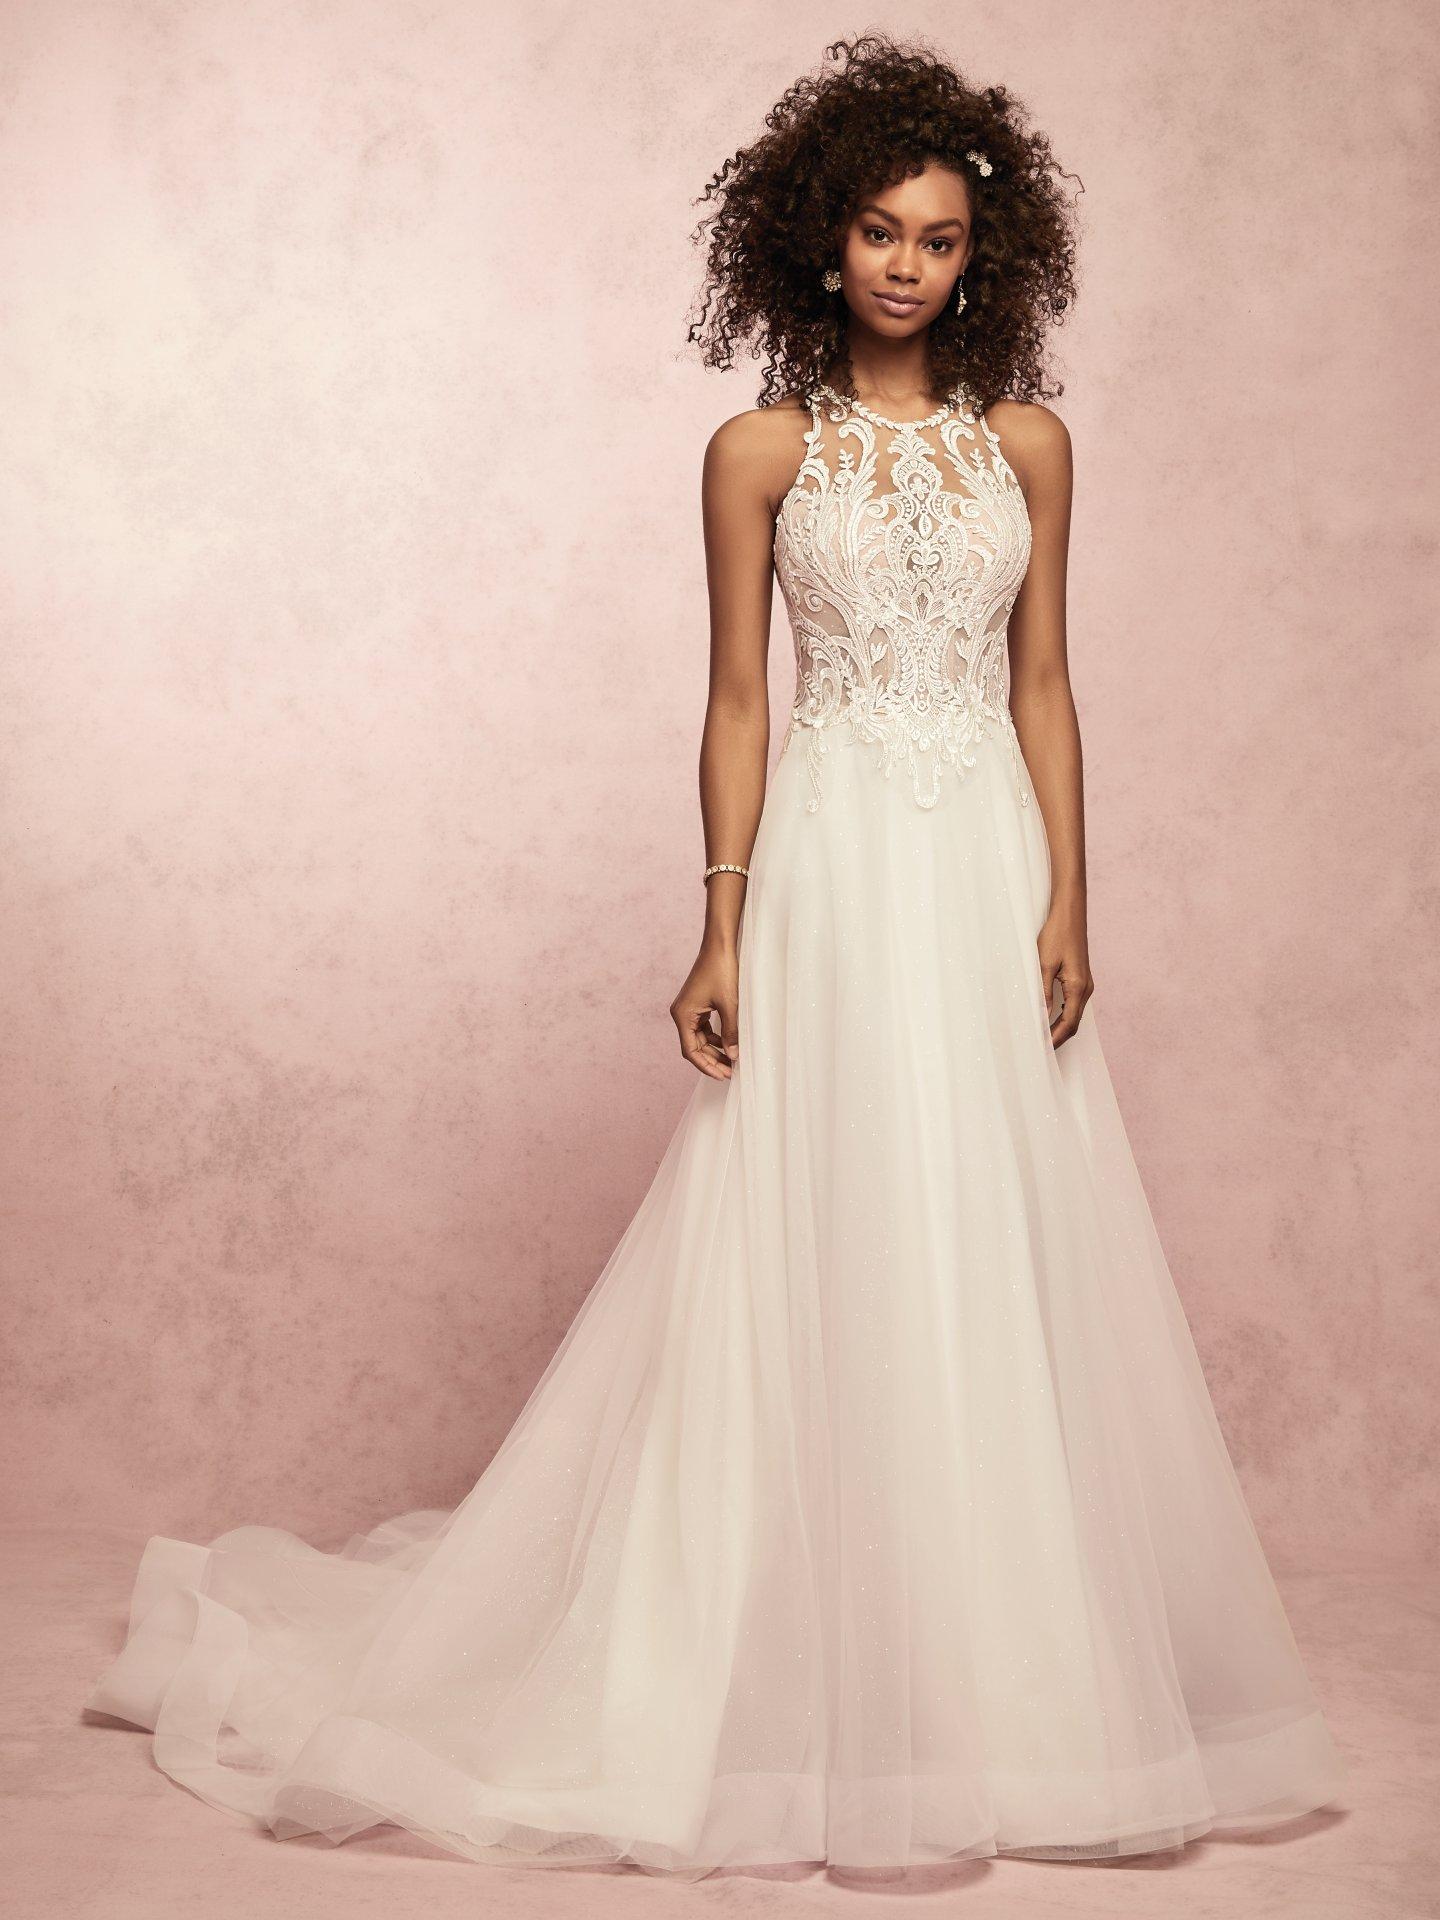 ec8a0f80b297 Svadobný salón Diamond Nitra - šaty na každú príležitosť - Svadobný ...